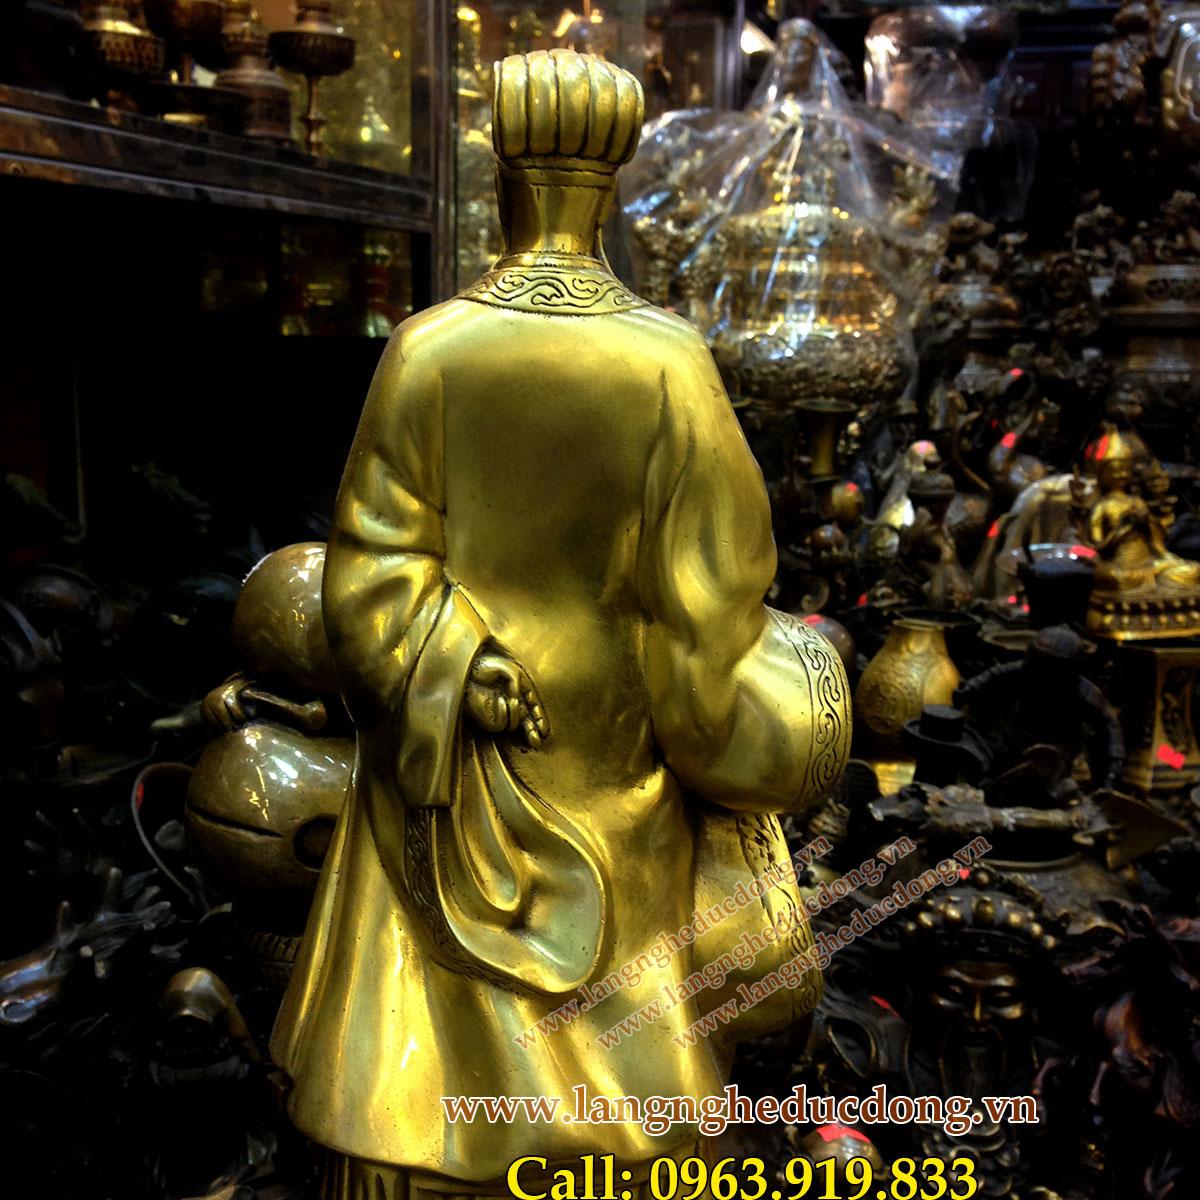 langngheducdong.vn - ượng Khổng Minh cao 25cm, tượng đồng Gia Cát Lượng phong thủy